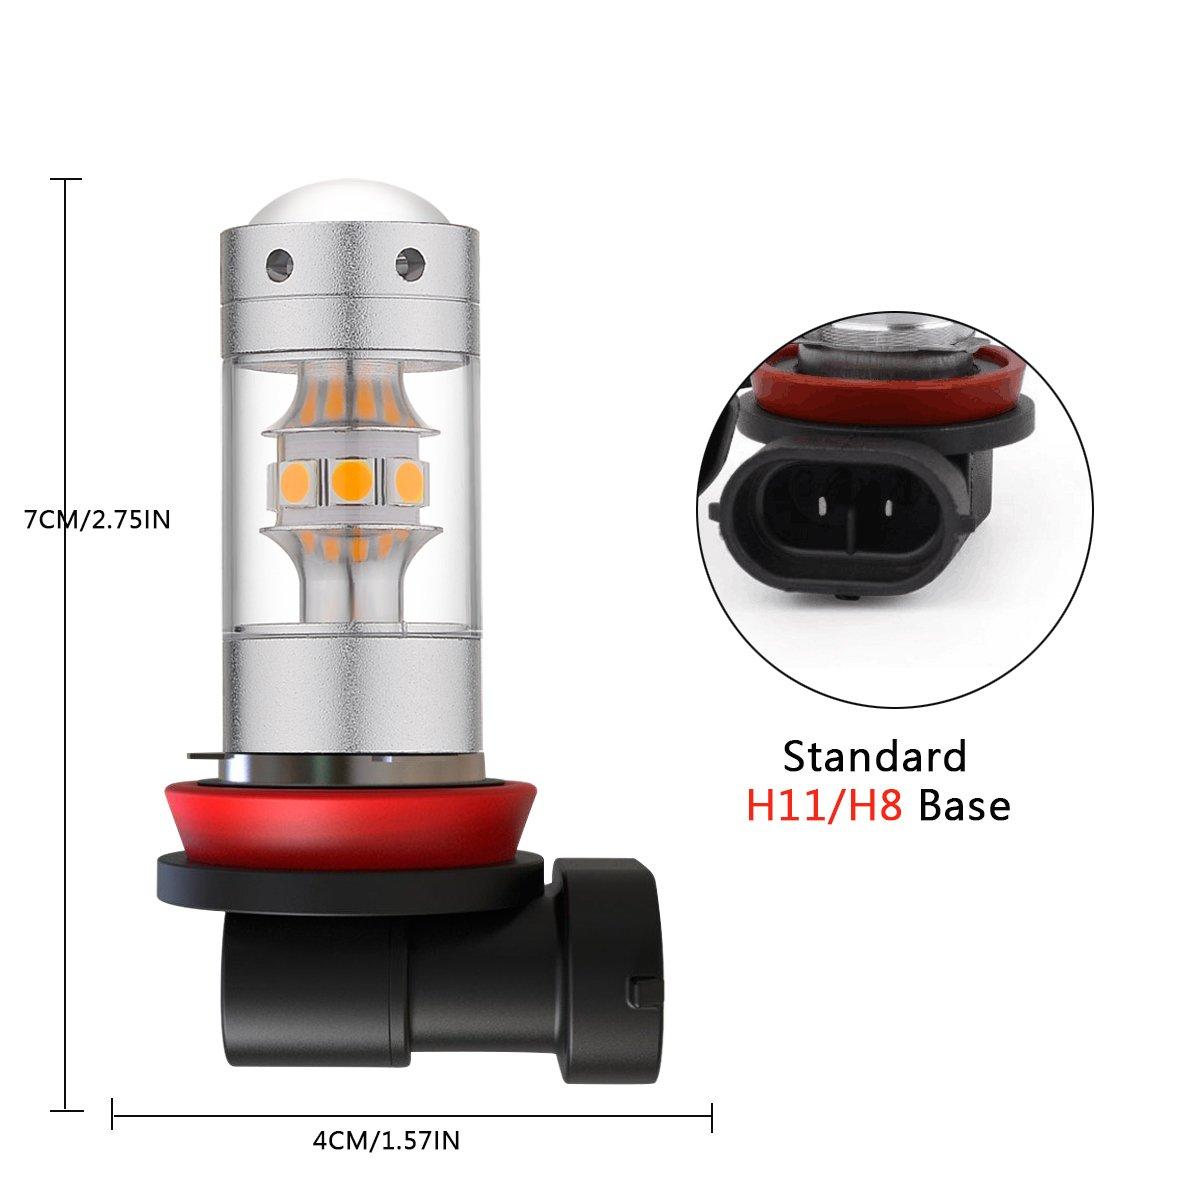 H10 BOGAO Haute Puissance 3000 Lumens 3030 SMD Super Extr/êmement Lumineux 6000 K Blanc H10 9145 9045 9140 9040 Ampoules LED pour Remplacement des Feux de Lumi/ère